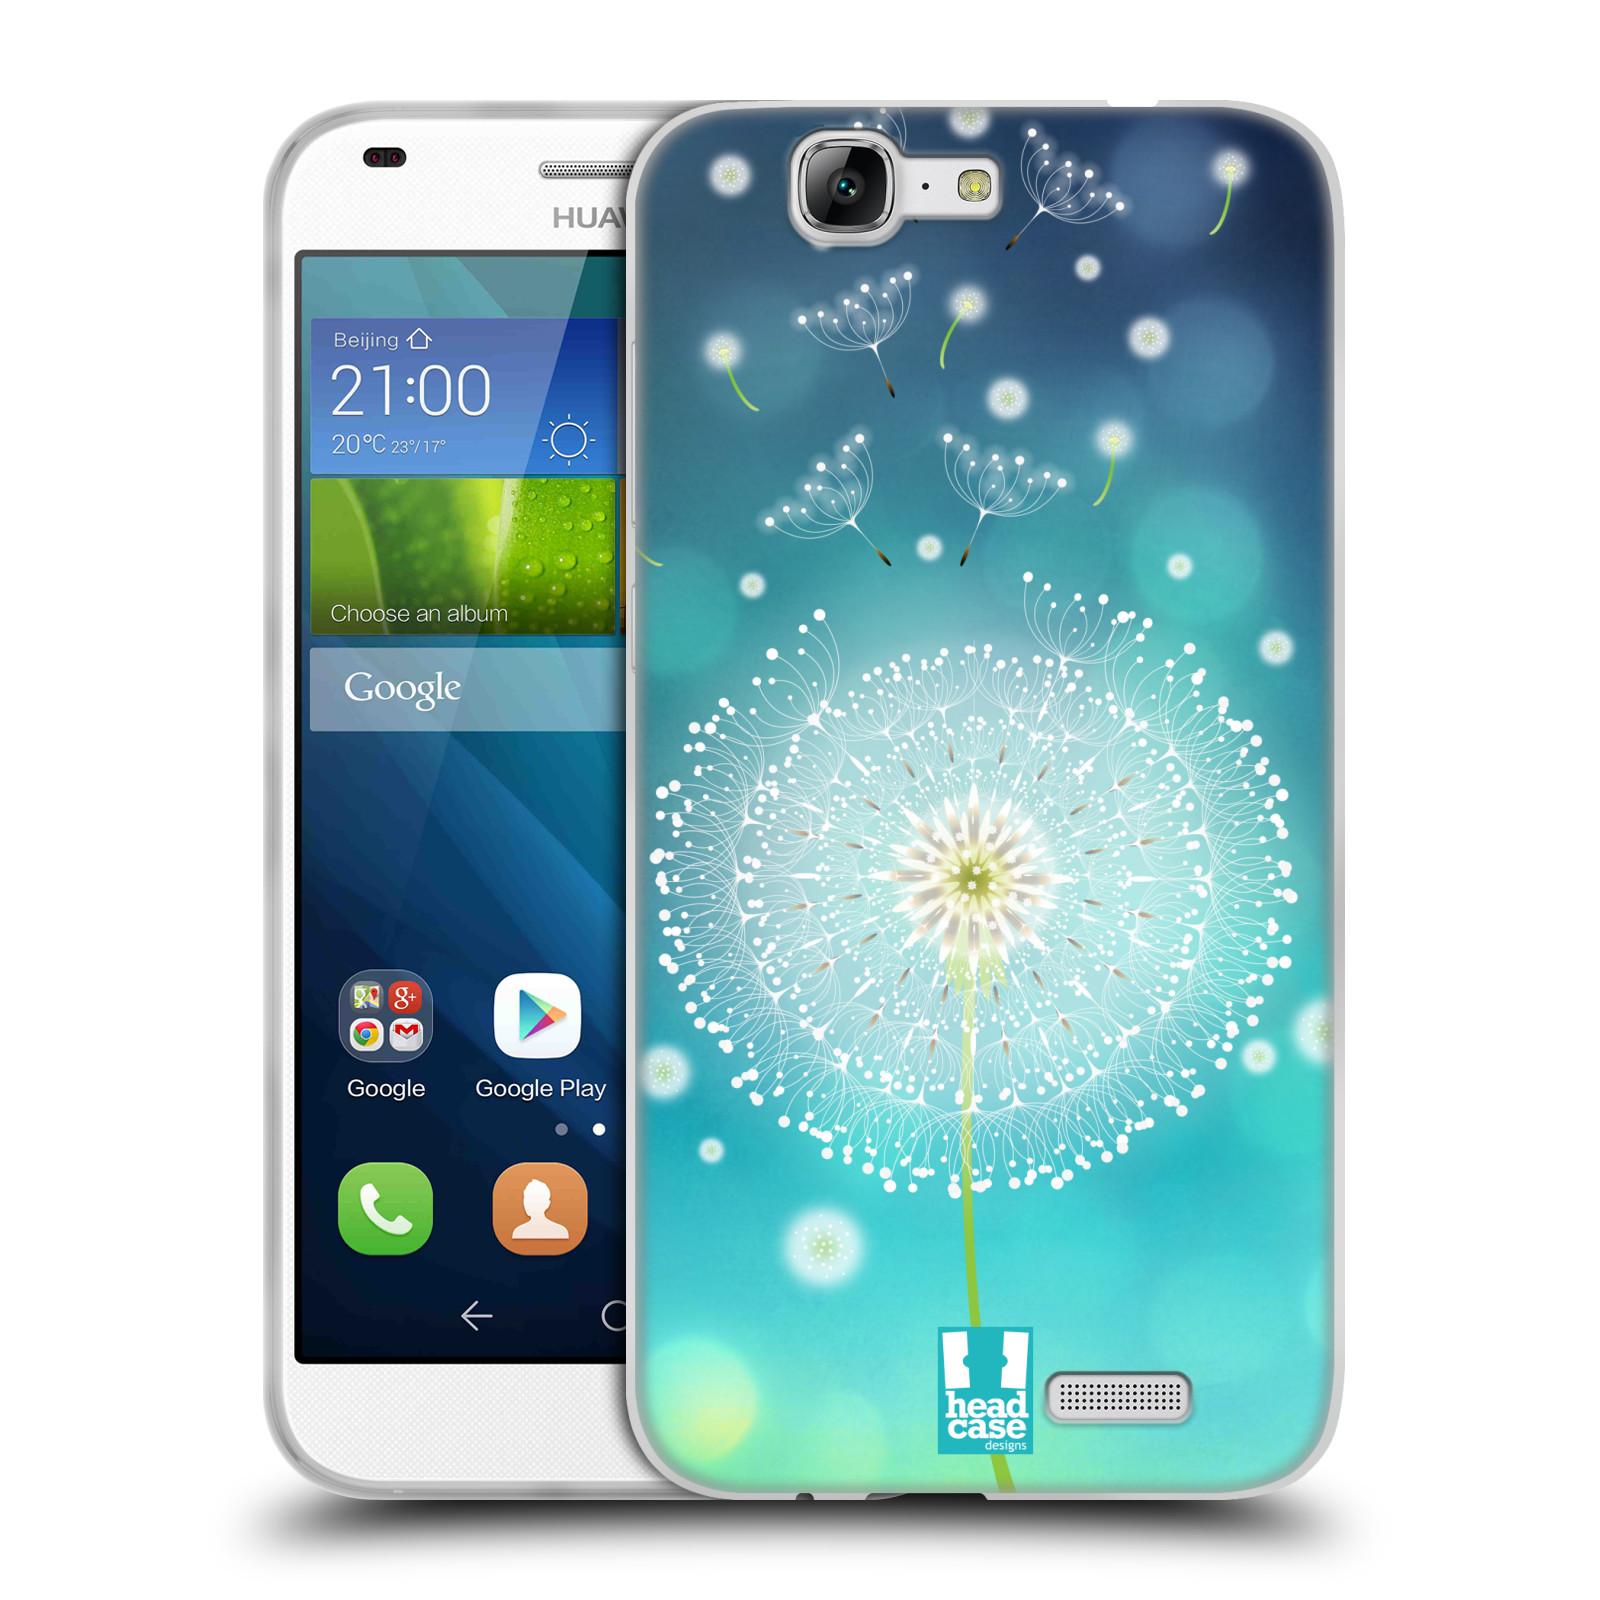 Silikonové pouzdro na mobil Huawei Ascend G7 HEAD CASE Rozlétaná pampeliška (Silikonový kryt či obal na mobilní telefon Huawei Ascend G7)